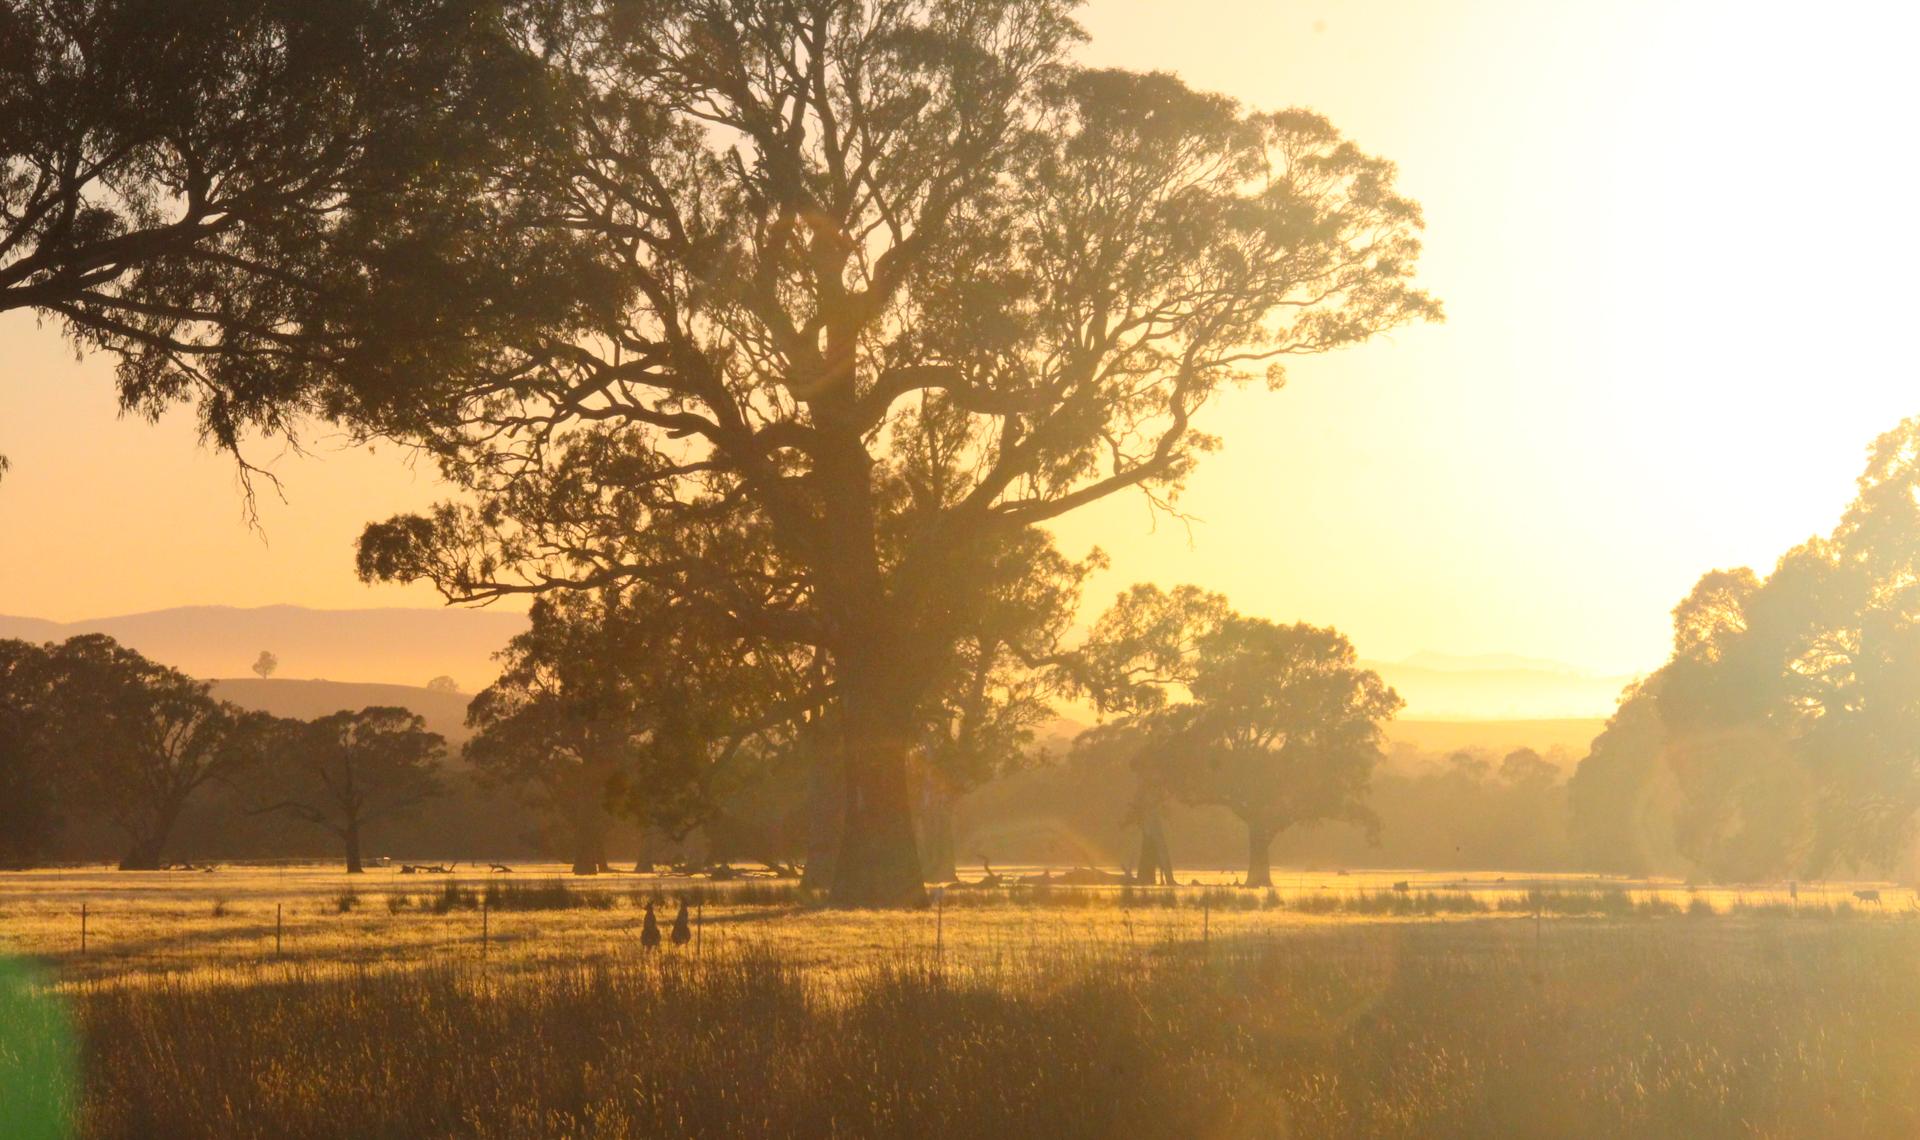 Grampians Sunrise 4 - two kangaroo